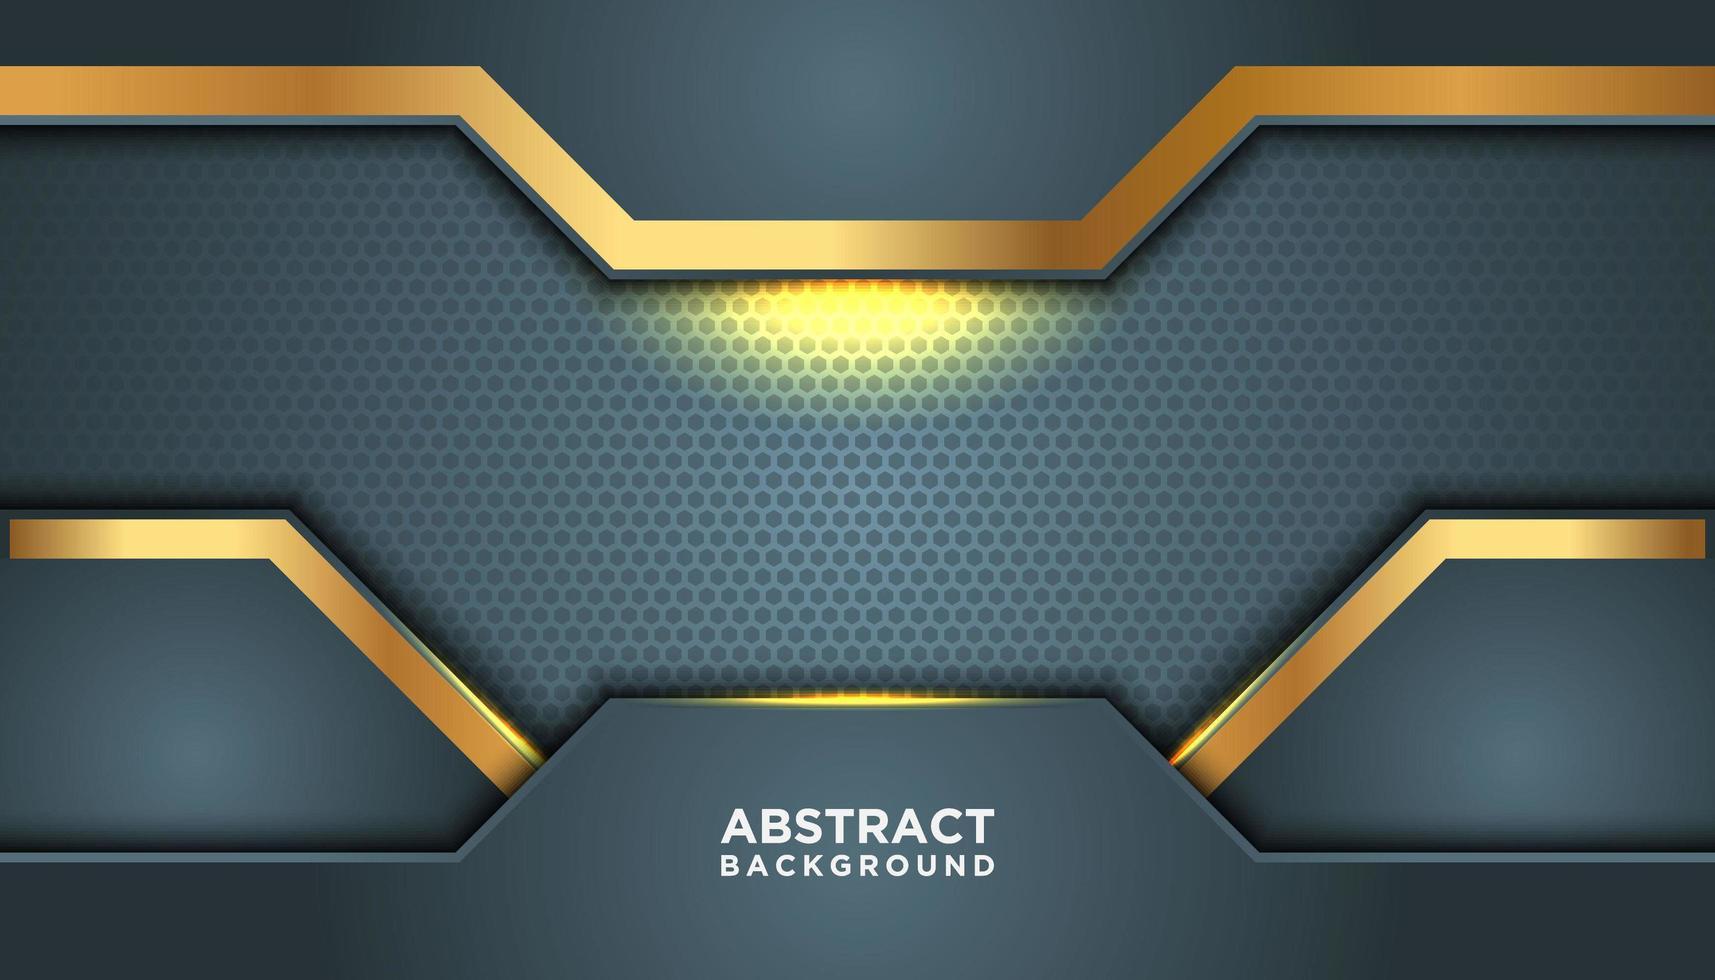 blau grau leuchtender Hintergrund mit goldenen Details vektor